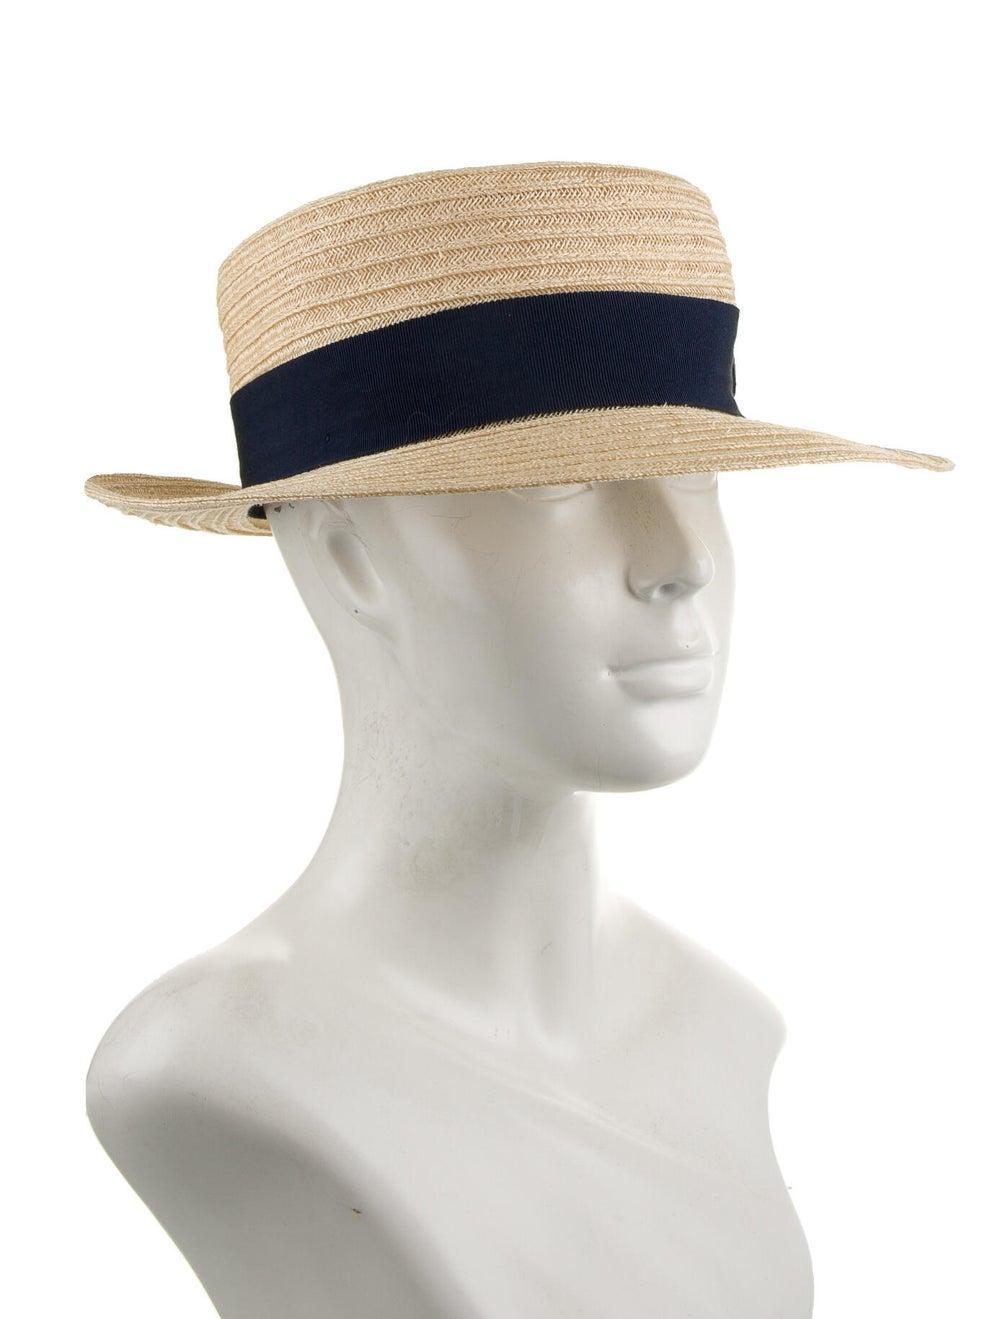 Maison Michel Wide Brim Straw Hat blue - image 3